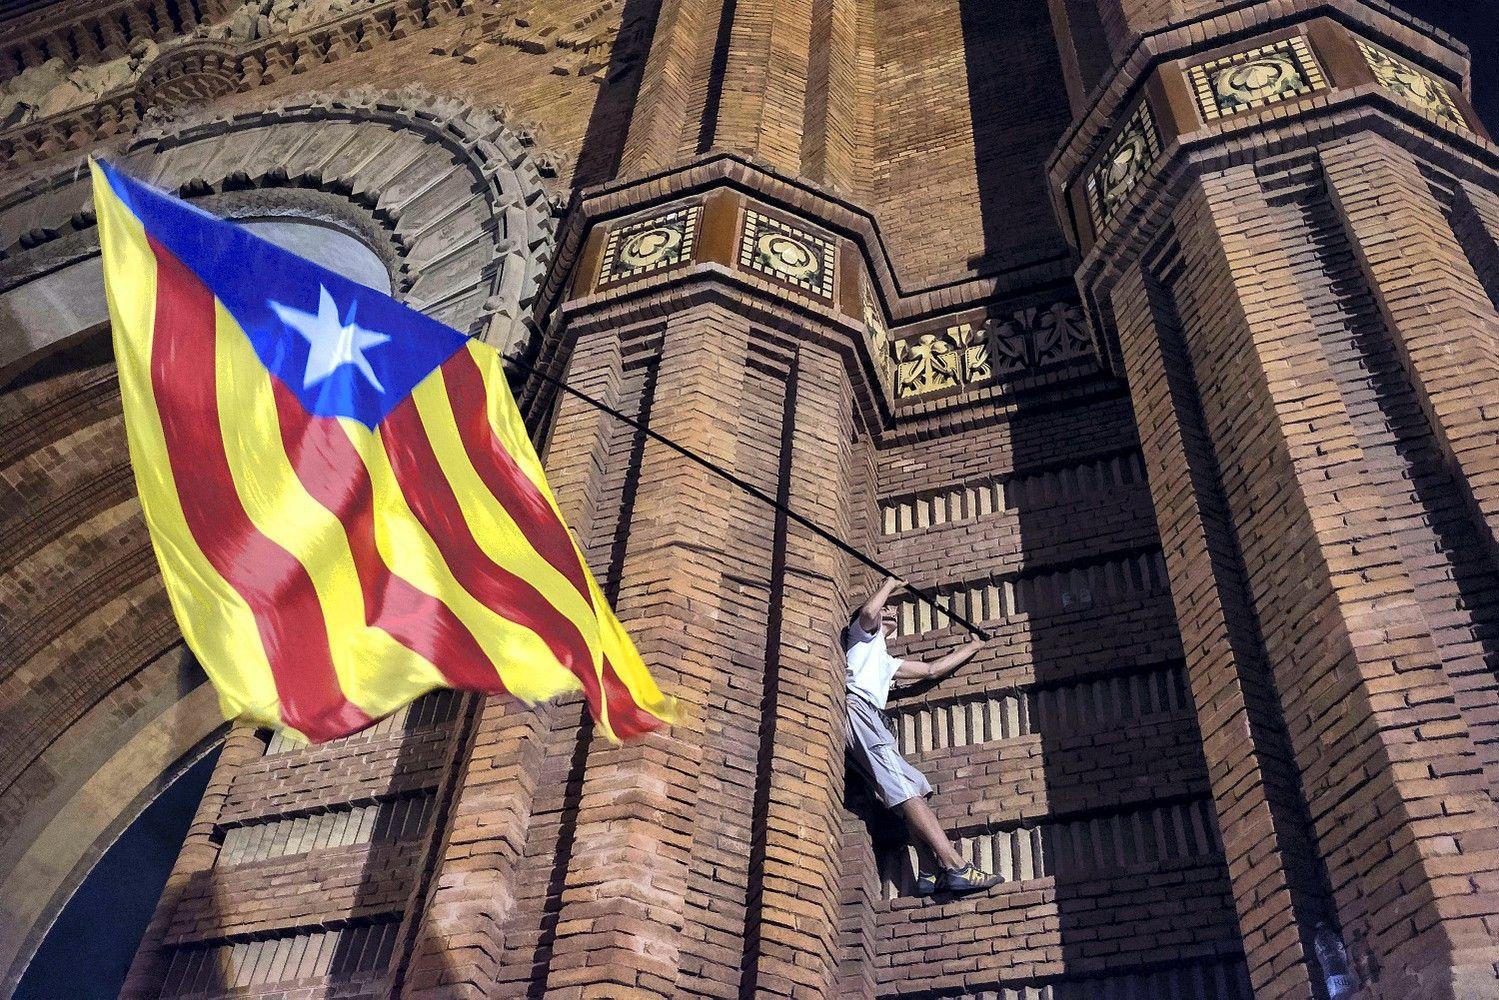 Madridasrengs naujusrinkimus Katalonijoje, gyventojai protestuoja prieš bankus